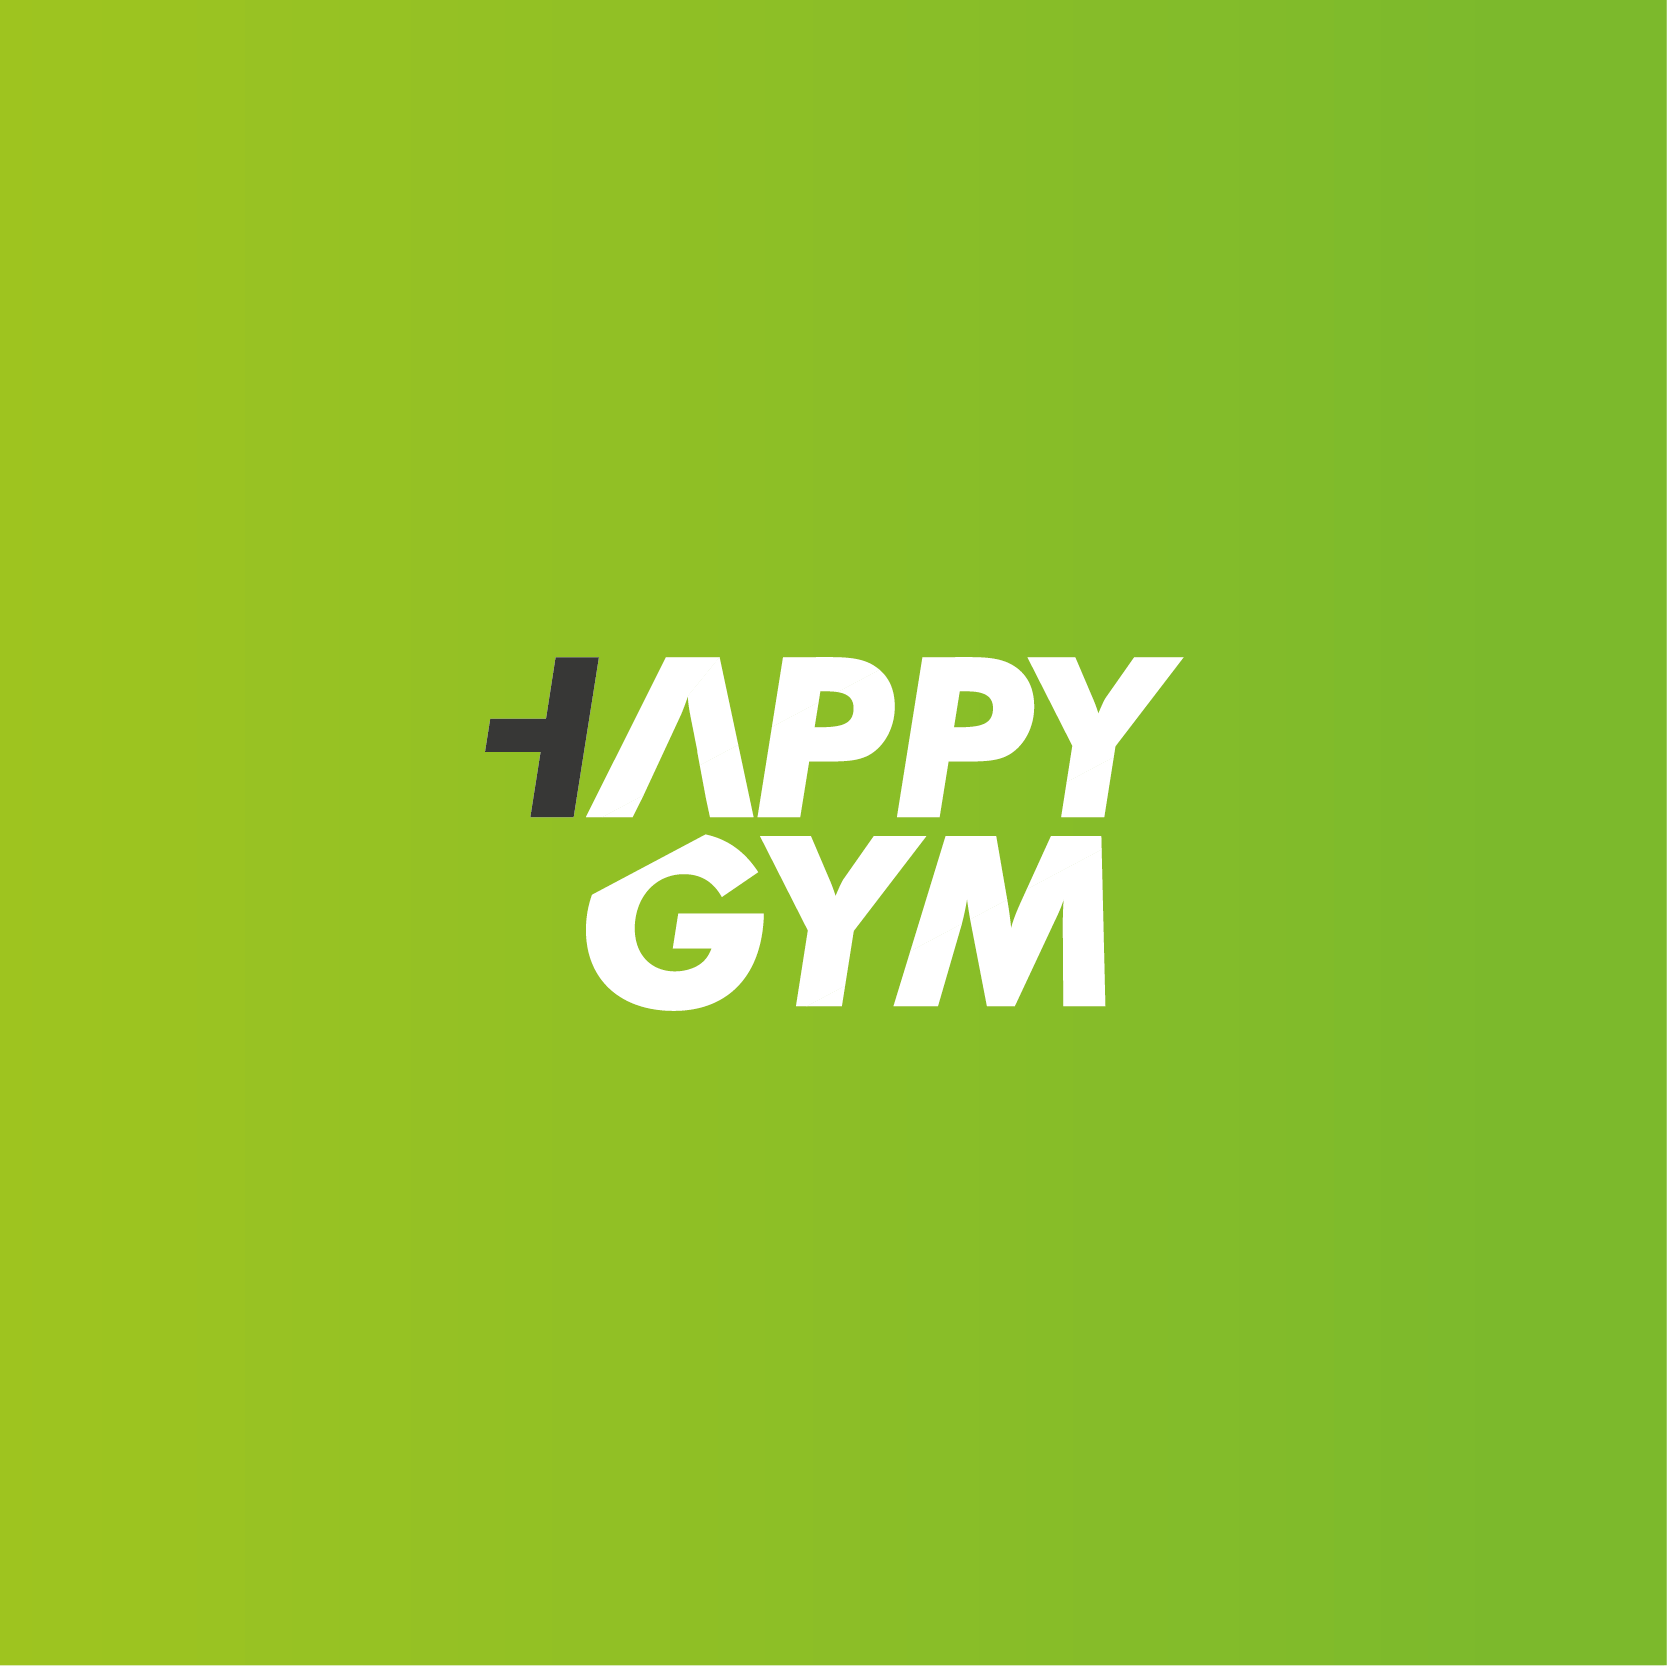 bbadv-it-logo-happygym